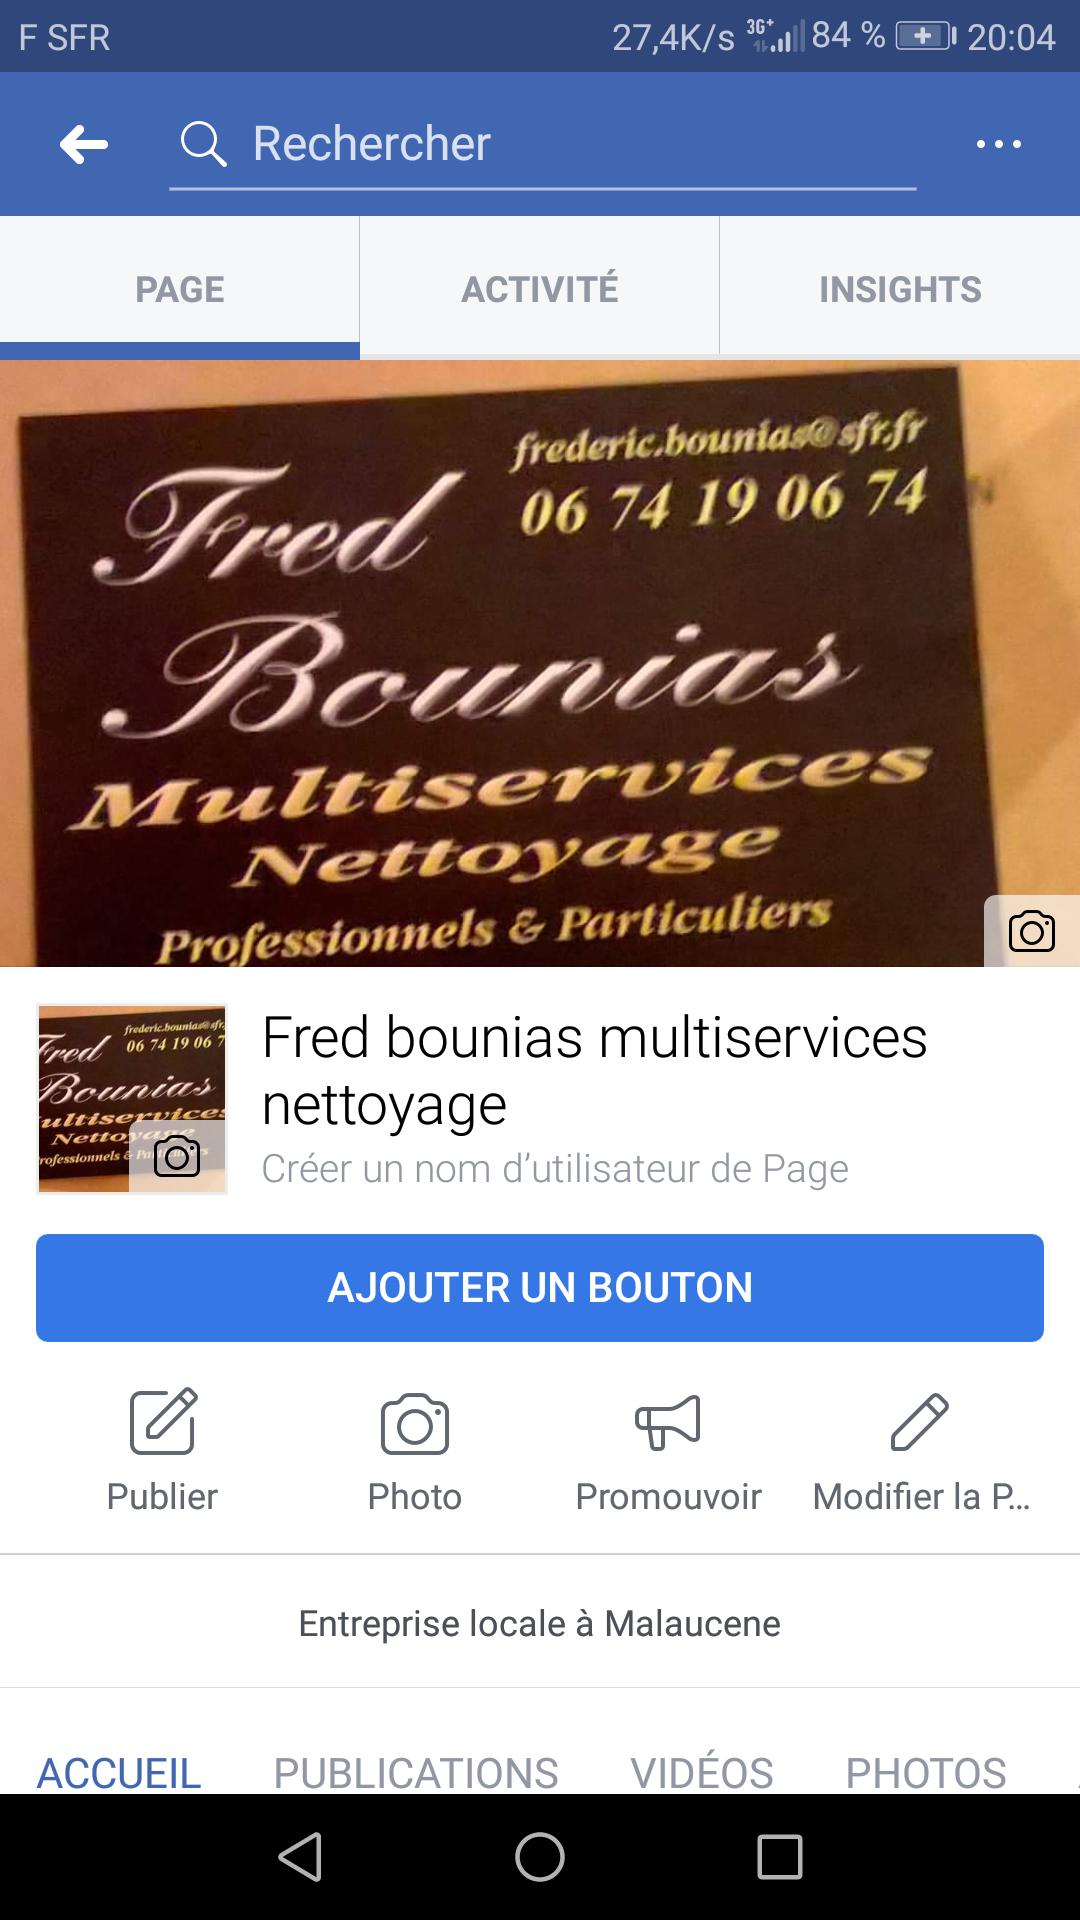 Logo de Frede bounias multiservices nettoyage, société de travaux en Nettoyage de vitre